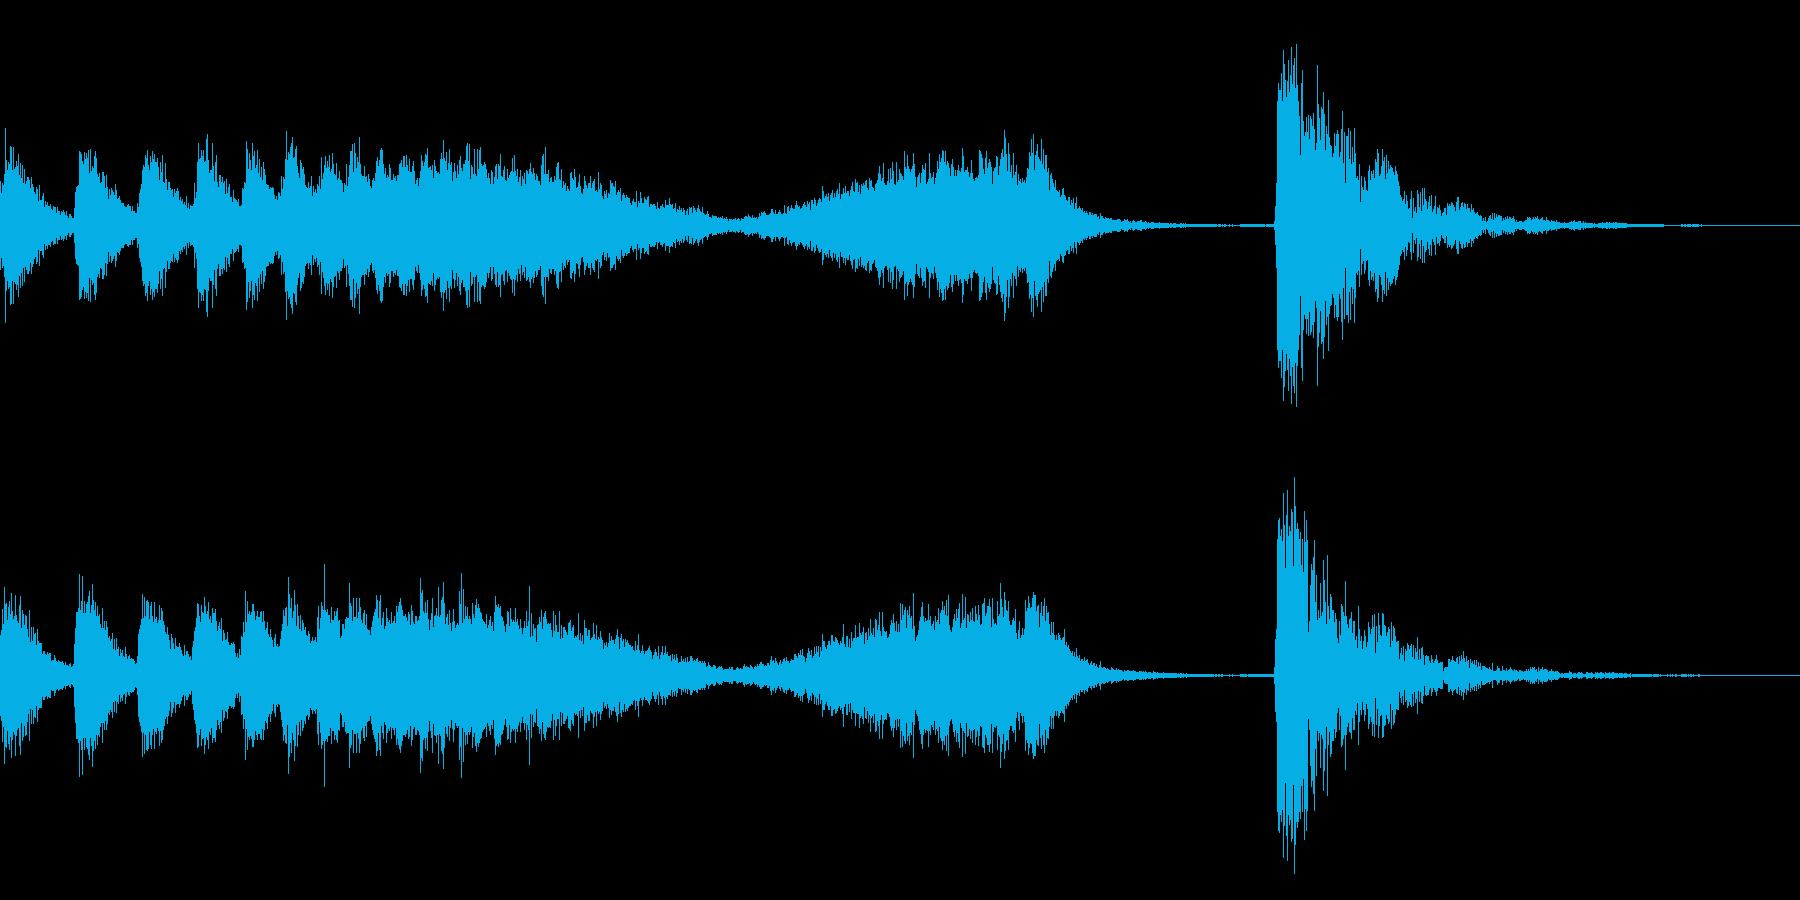 和風な歌舞伎の附け木フレーズ ジングル2の再生済みの波形